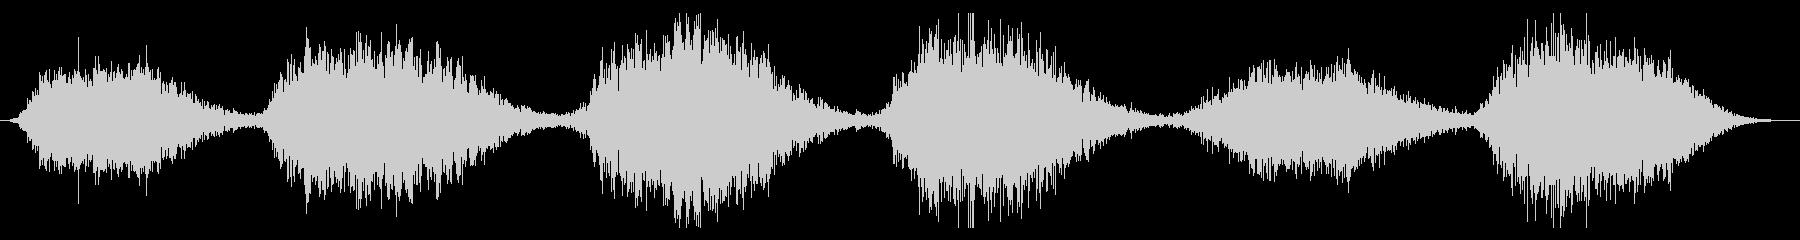 スペースドローン:スローメタリック...の未再生の波形